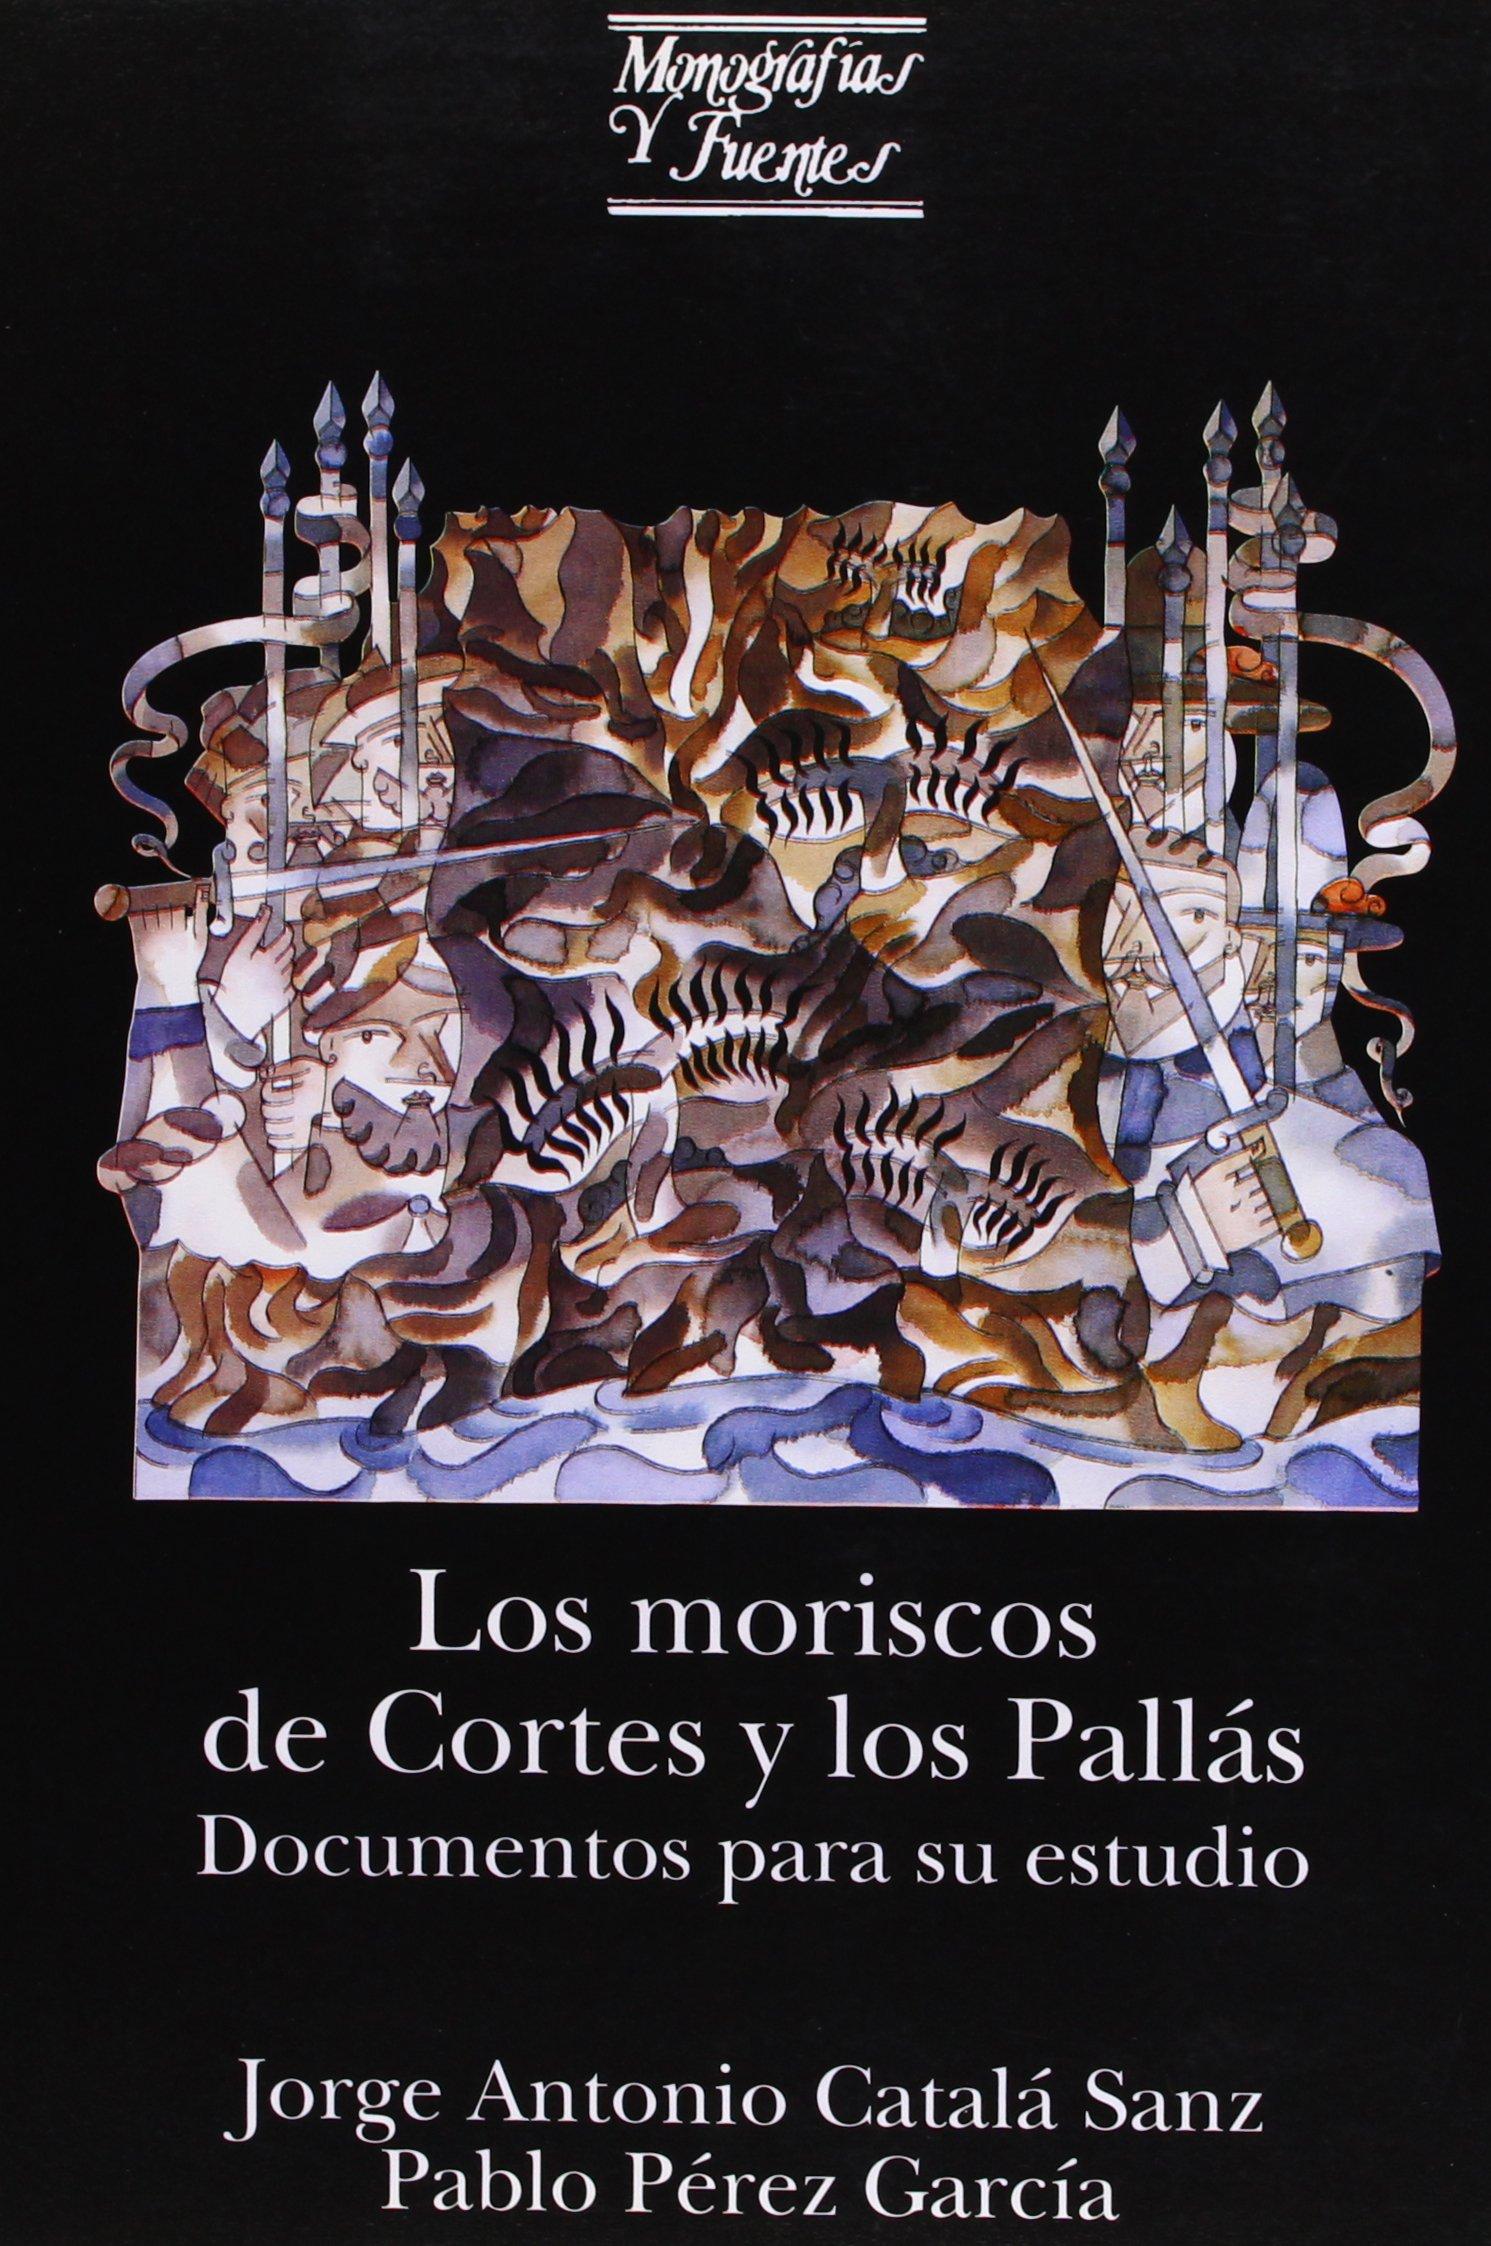 Los moriscos de Cortes y los Pallás: Documentos para su estudio Monografías y Fuentes: Amazon.es: Jorge Antonio Catalá Sanz, Pablo Pérez García: Libros